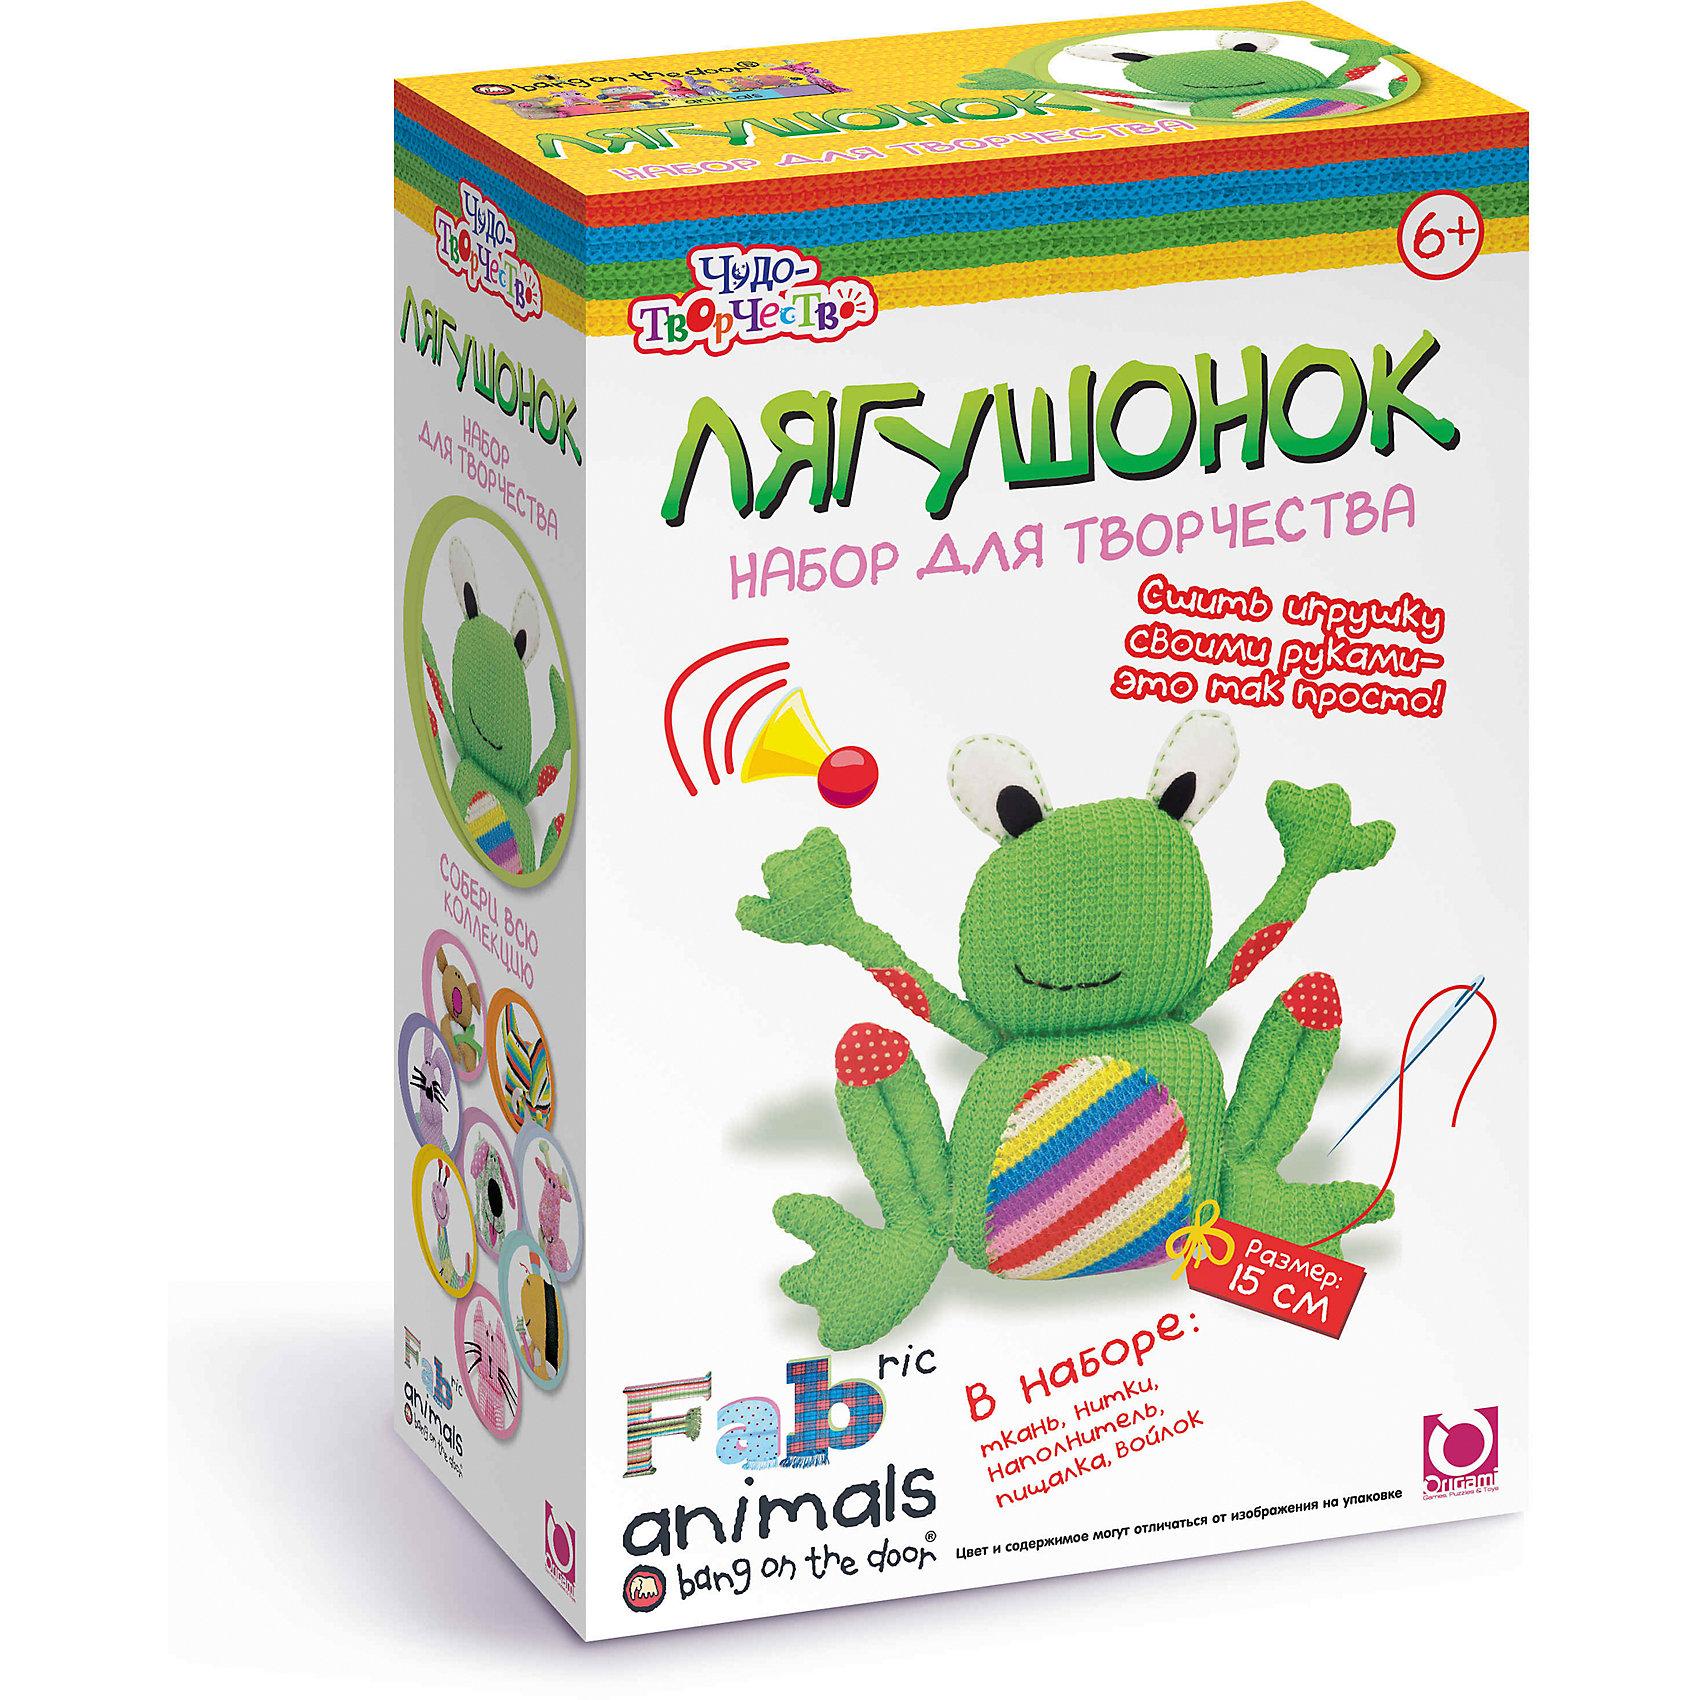 Сшей игрушку Лягушонок, ОригамиСшей игрушку Лягушонок, Оригами – этот набор для творчества обязательно понравится вашему ребенку.<br>Коллекции популярного в Европе бренда Fabric Animals отличает разнообразие моделей, яркое исполнение и интересный, подвижный дизайн, создающий позитивную атмосферу. Игрушка, сделанная своими руками -  не просто поделка. Создавая ее, мы вкладываем частичку своего сердца и души. Не случайно в последнее время вещи, сделанные своими руками, превратились в модную тенденцию. Каждый стремиться выразить себя, создать что-то уникальное, необычное, единственное в своем роде. Никогда не получится 2-х одинаковых игрушек, даже если используются одни материалы. Такая поделка может стать прекрасным подарком, - ведь даритель заранее готовился, вложил в него всю любовь и теплоту рук!<br><br>Дополнительная информация:<br><br>- В наборе: ткань, пищалка, нитки, наполнитель, войлок<br>- Размер игрушки: 15 см.<br>- Размер упаковки: 46х33,5х36 см.<br>- Вес упаковки: 162 гр.<br><br>Набор Сшей игрушку Лягушонок, Оригами можно купить в нашем интернет-магазине.<br><br>Ширина мм: 460<br>Глубина мм: 335<br>Высота мм: 360<br>Вес г: 162<br>Возраст от месяцев: 72<br>Возраст до месяцев: 144<br>Пол: Унисекс<br>Возраст: Детский<br>SKU: 4075980